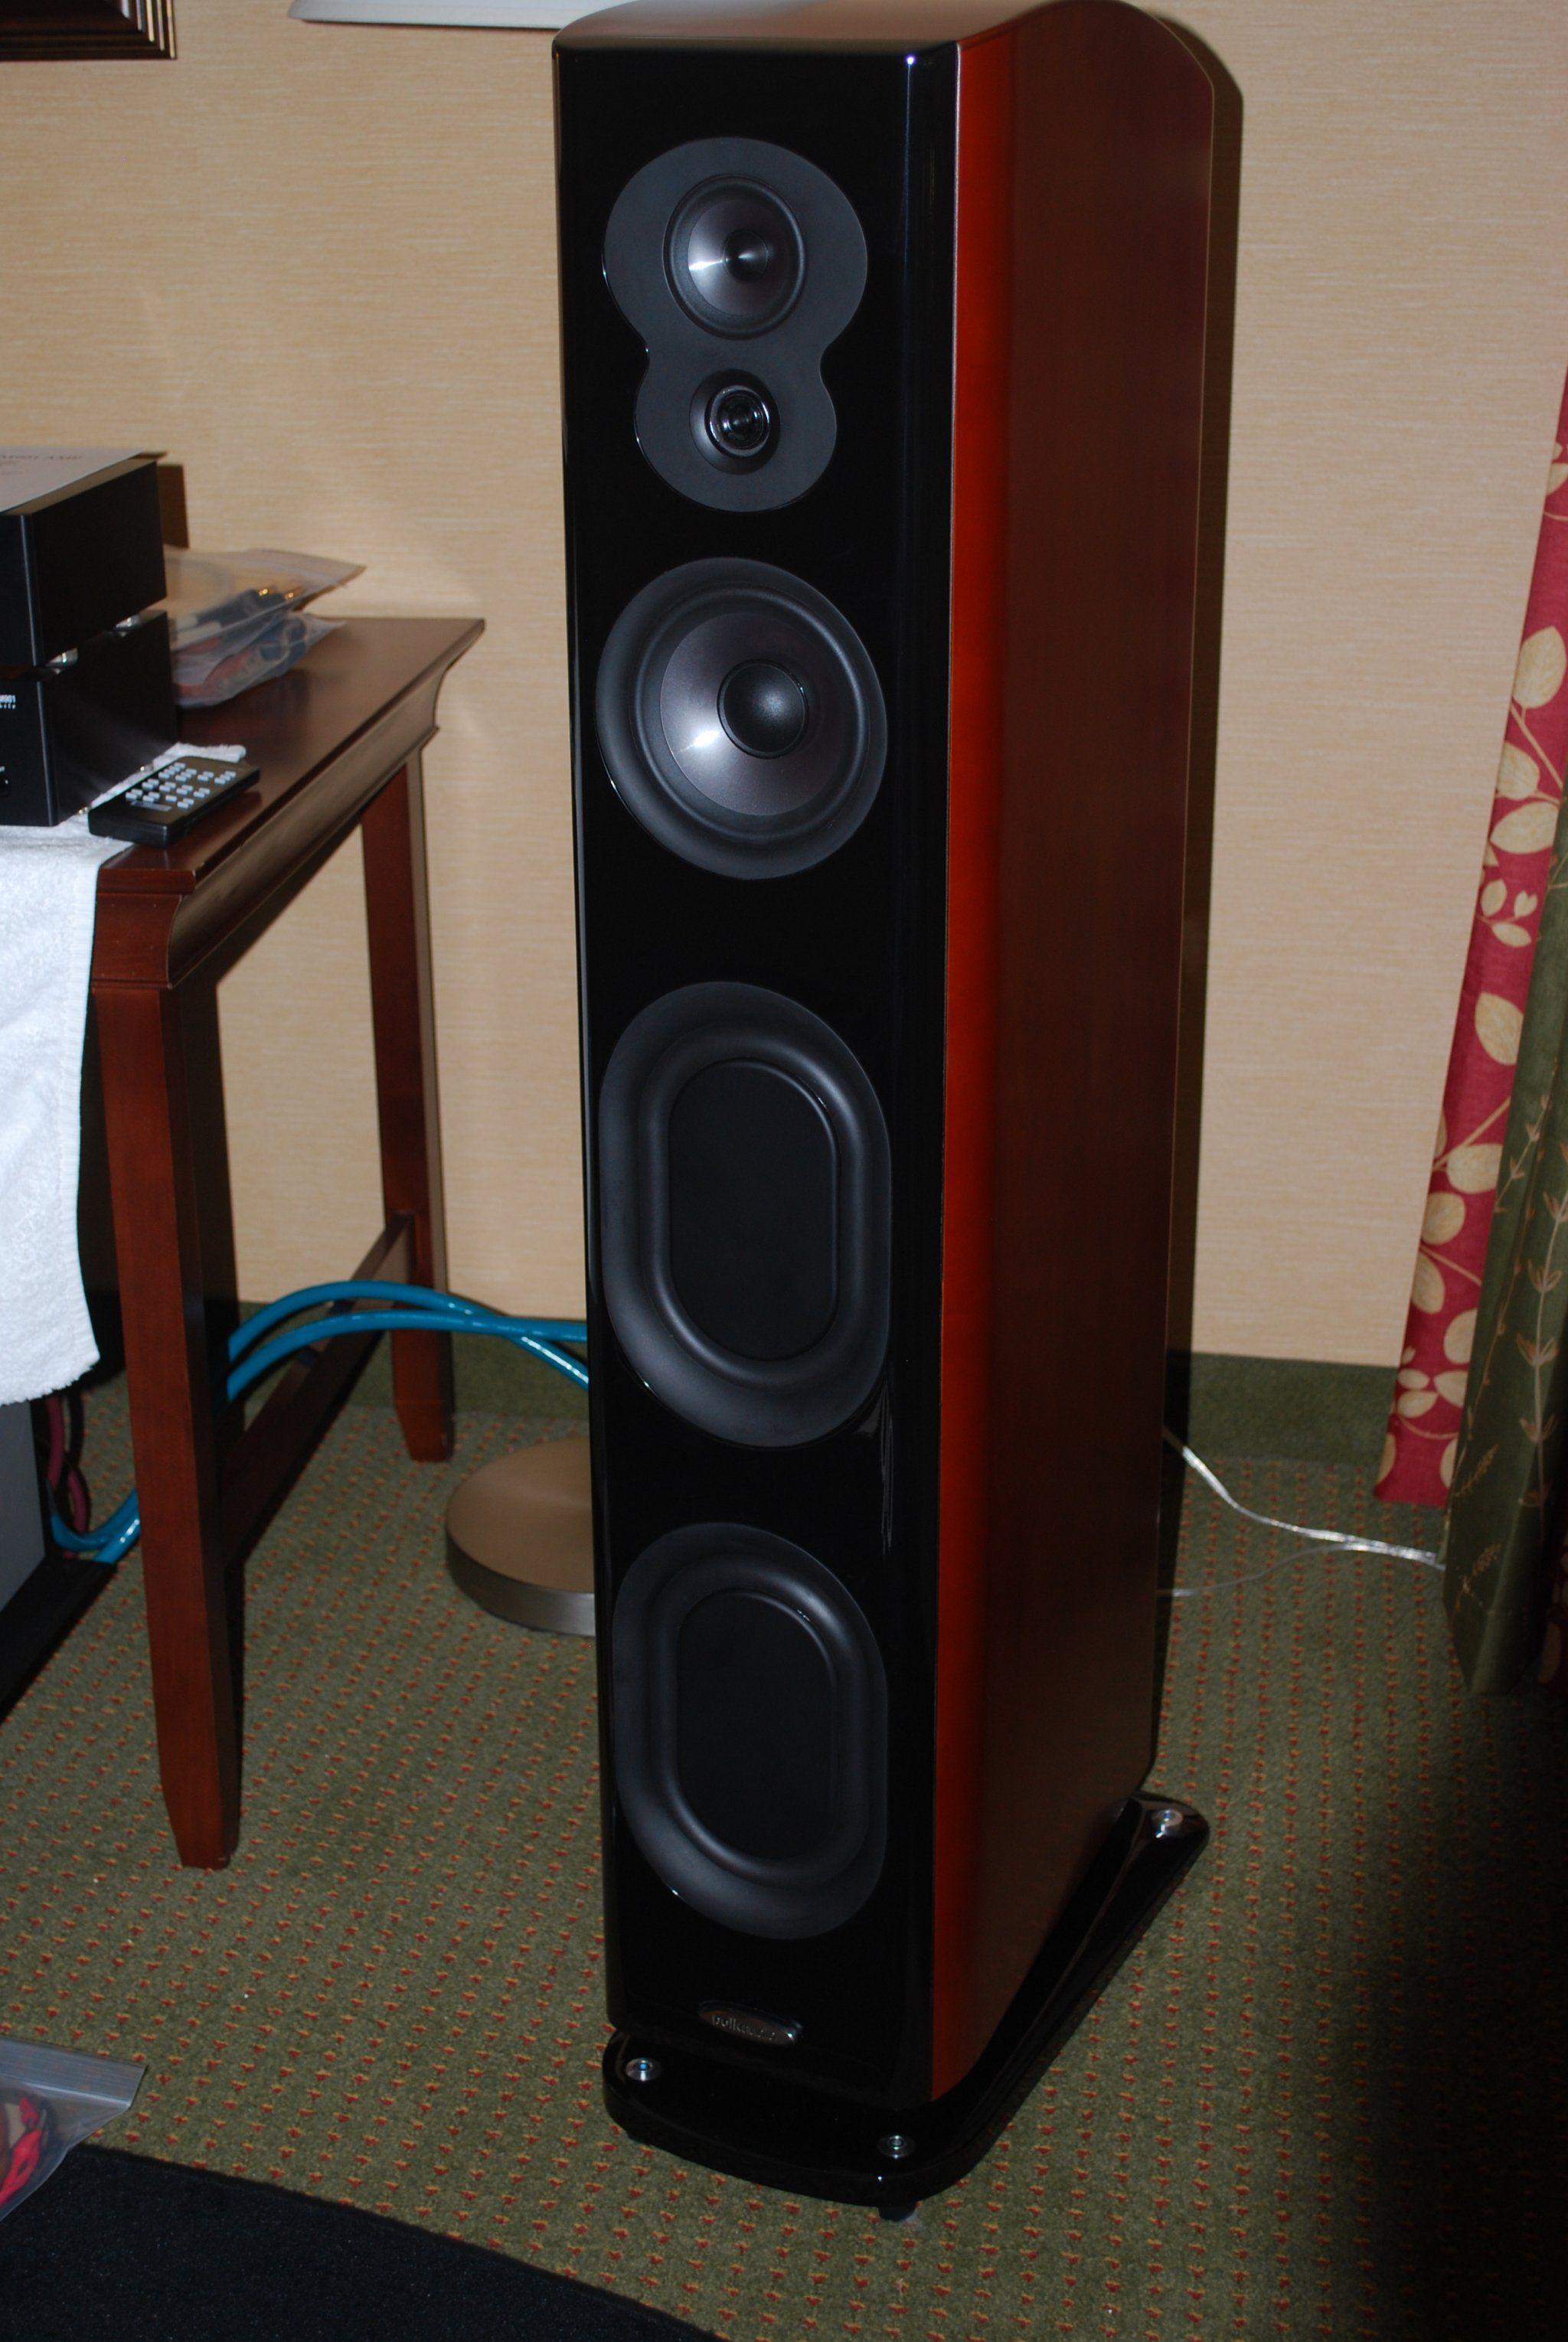 http://lonestaraudiofest.com/2011/Photos/LSAF_2011_012.jpg